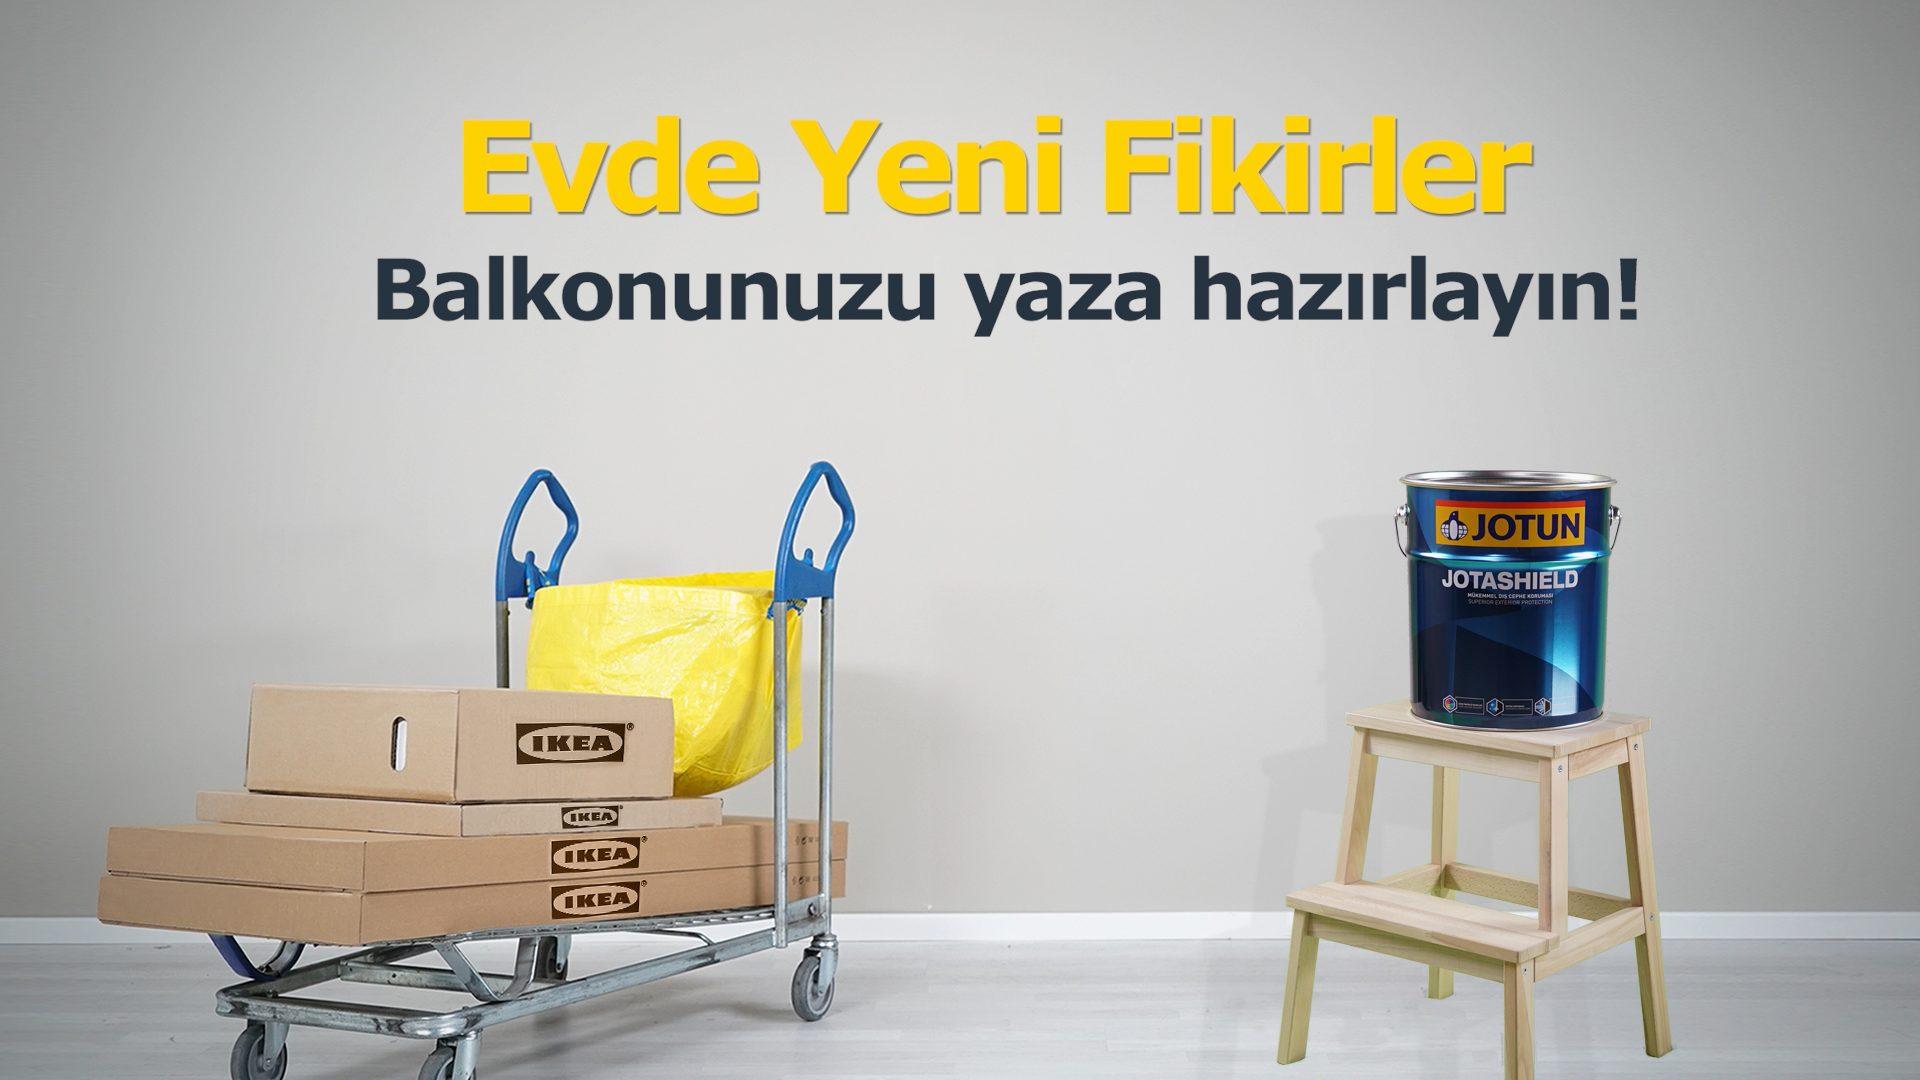 JOTUN X IKEA: EVLERDE YENİ FİKİRLER